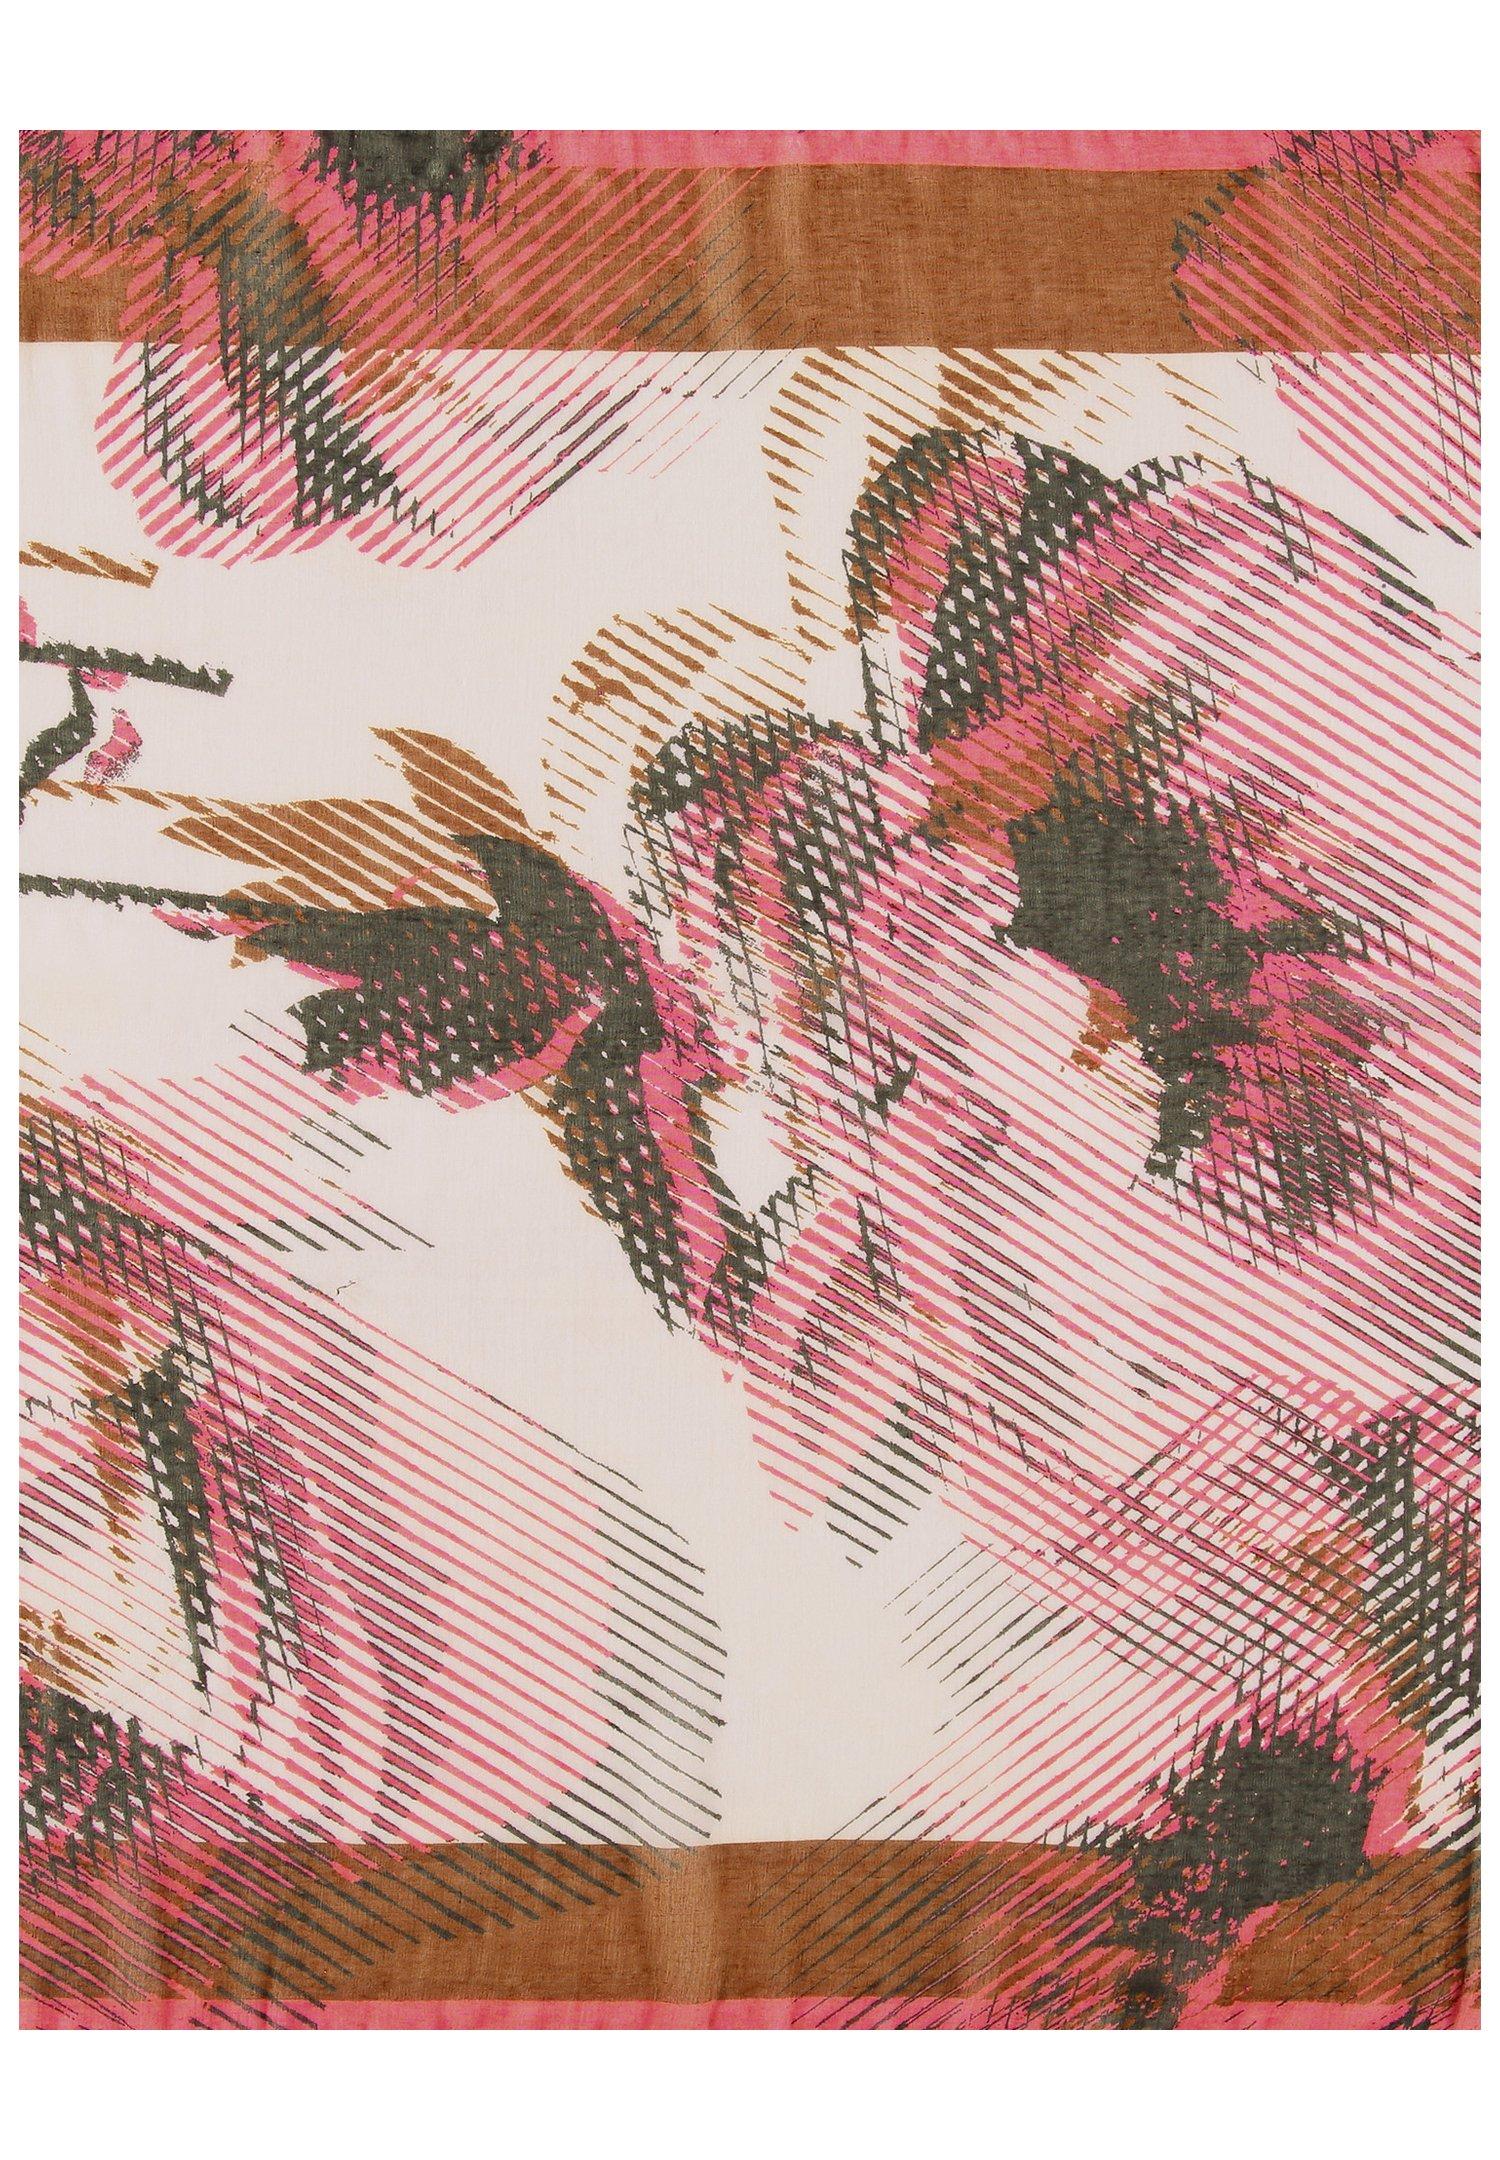 Gerry Weber Mit Rosenmuster - Schal Braun/lila/pink Druck/braun